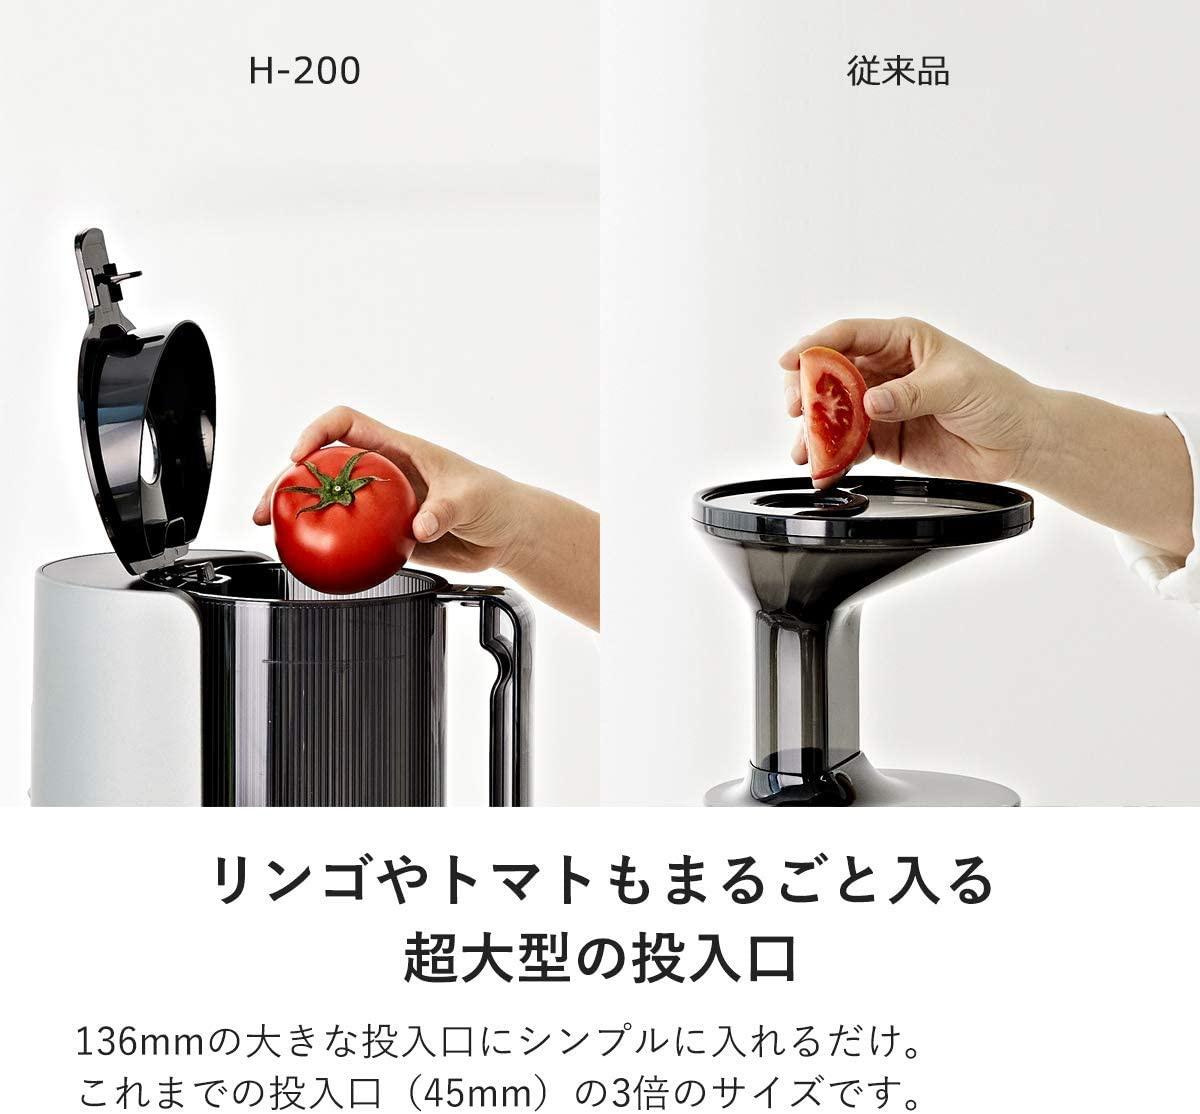 HUROM(ヒューロム) スロージューサー H-200の商品画像3